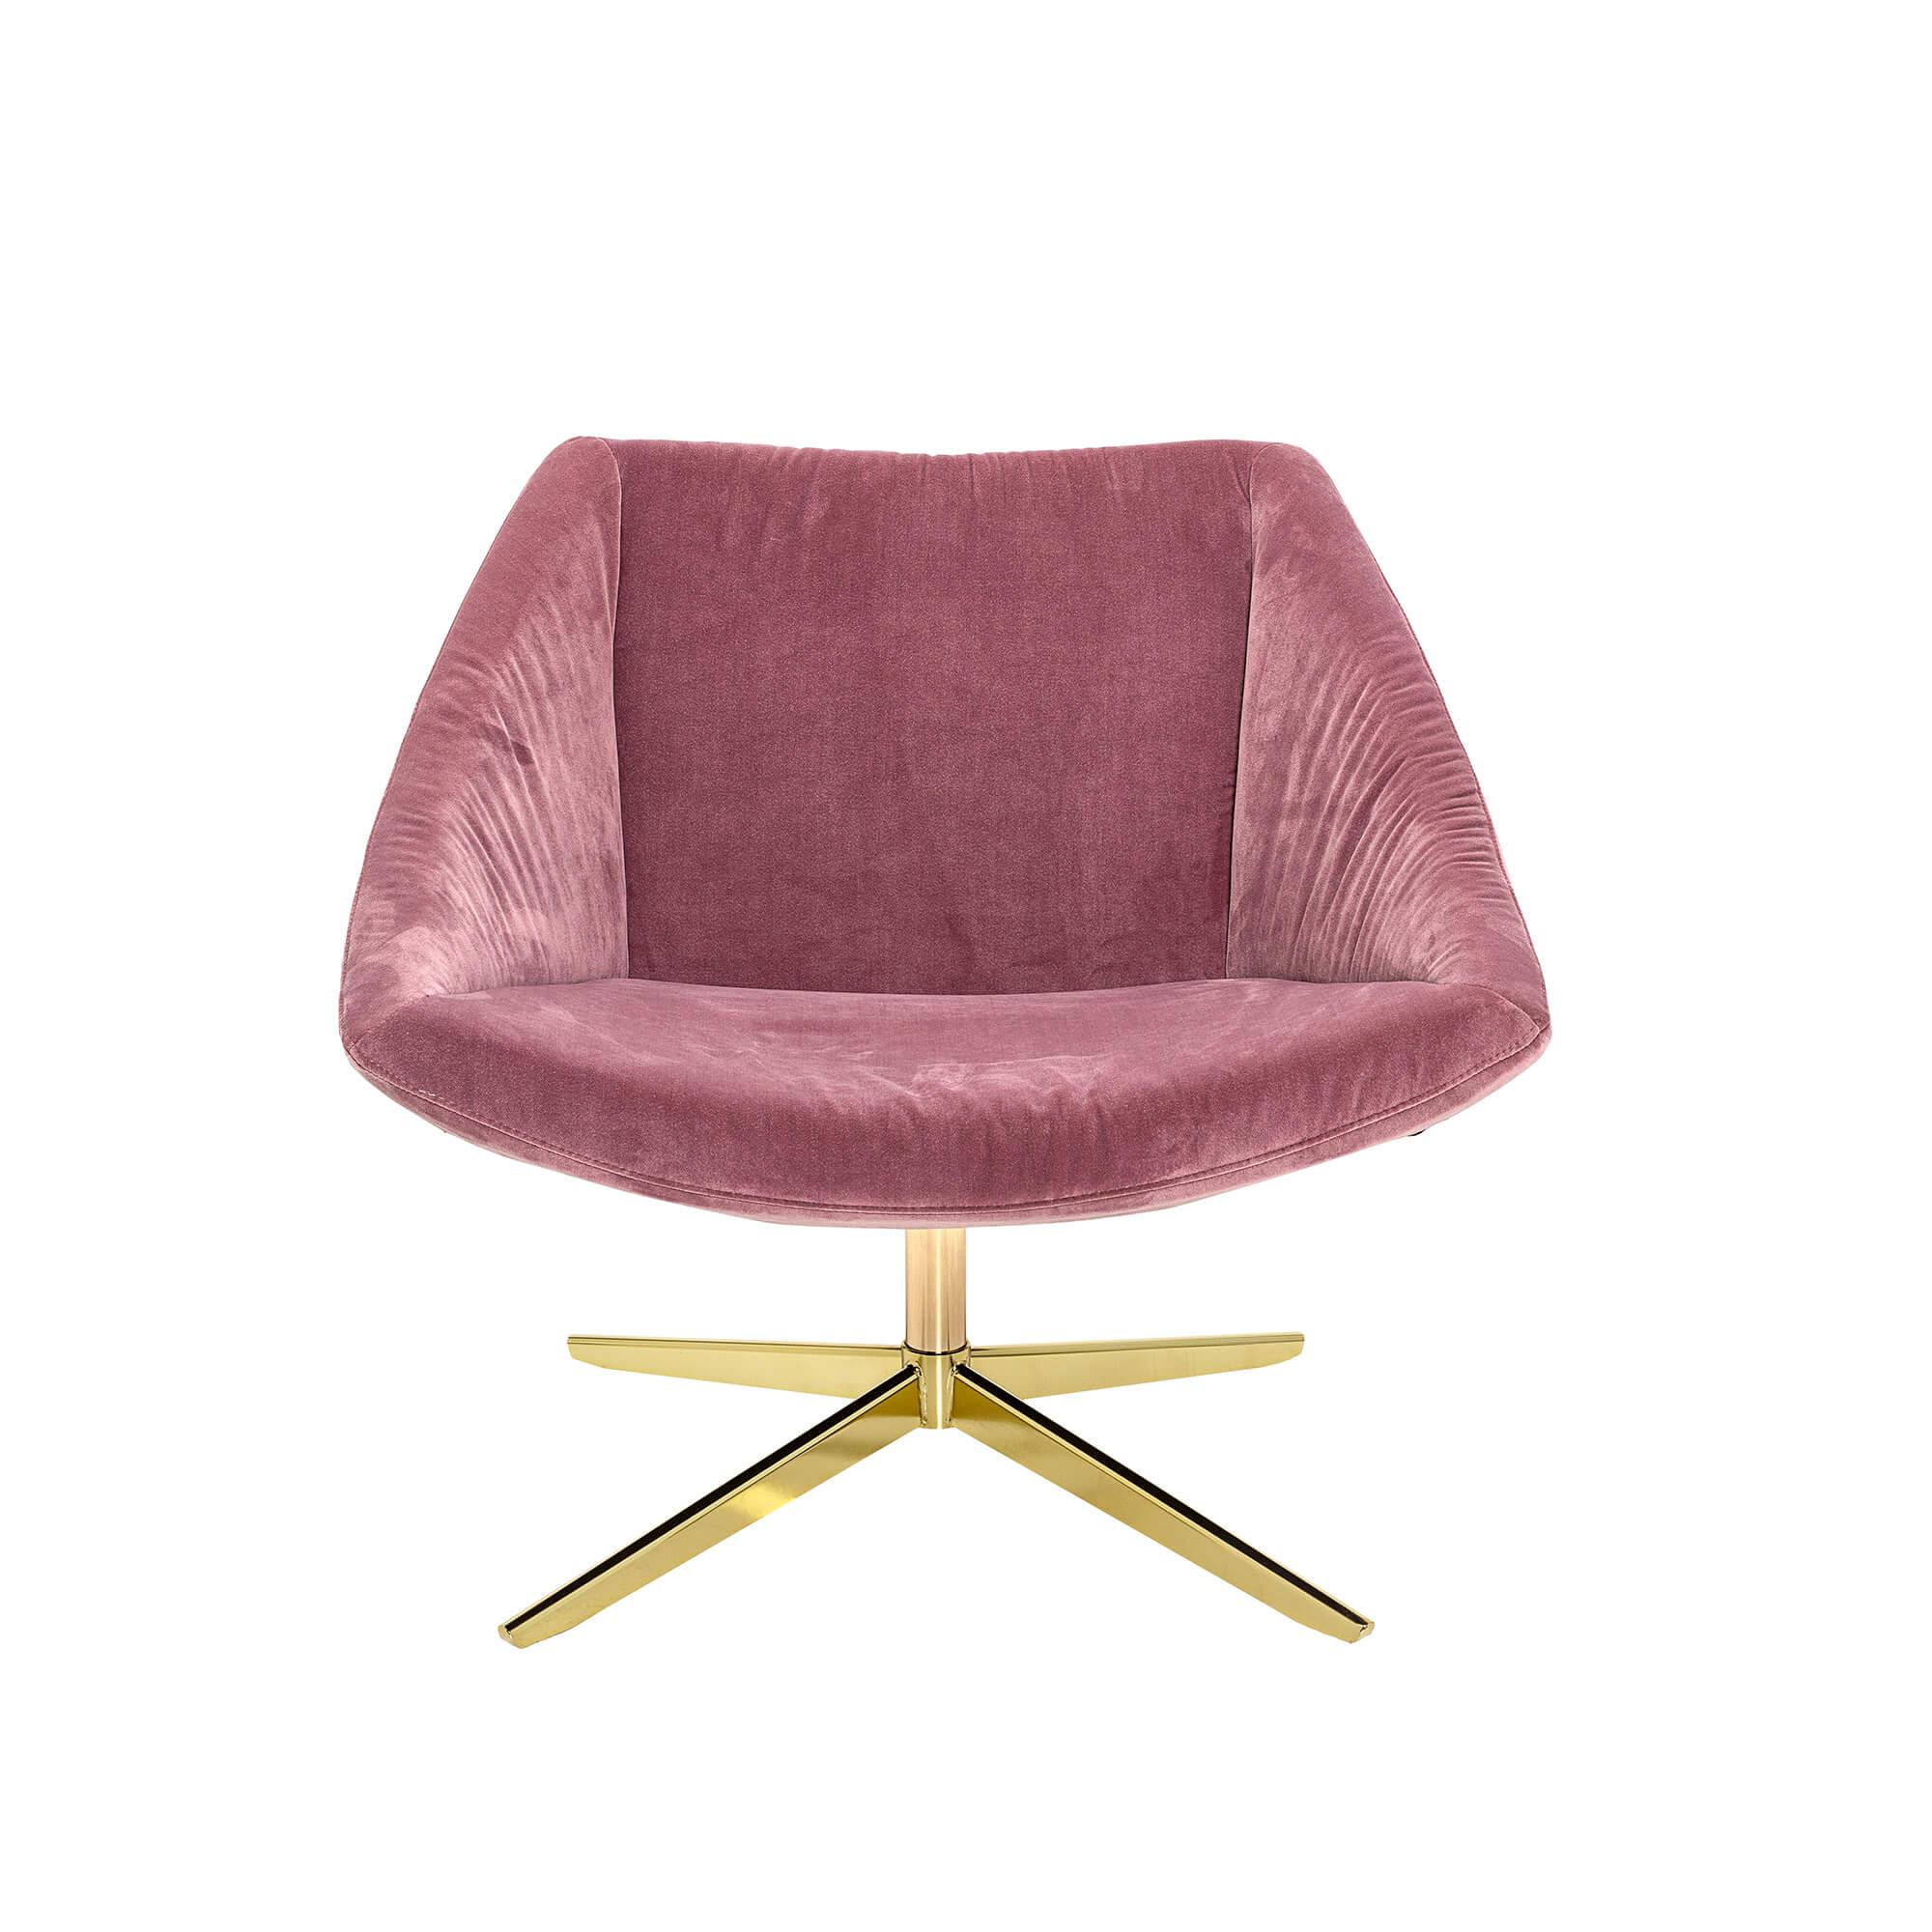 bloomingville Bloomingville elegant drejestol - rosa/guld polyester/metal, m. armlæn fra boboonline.dk